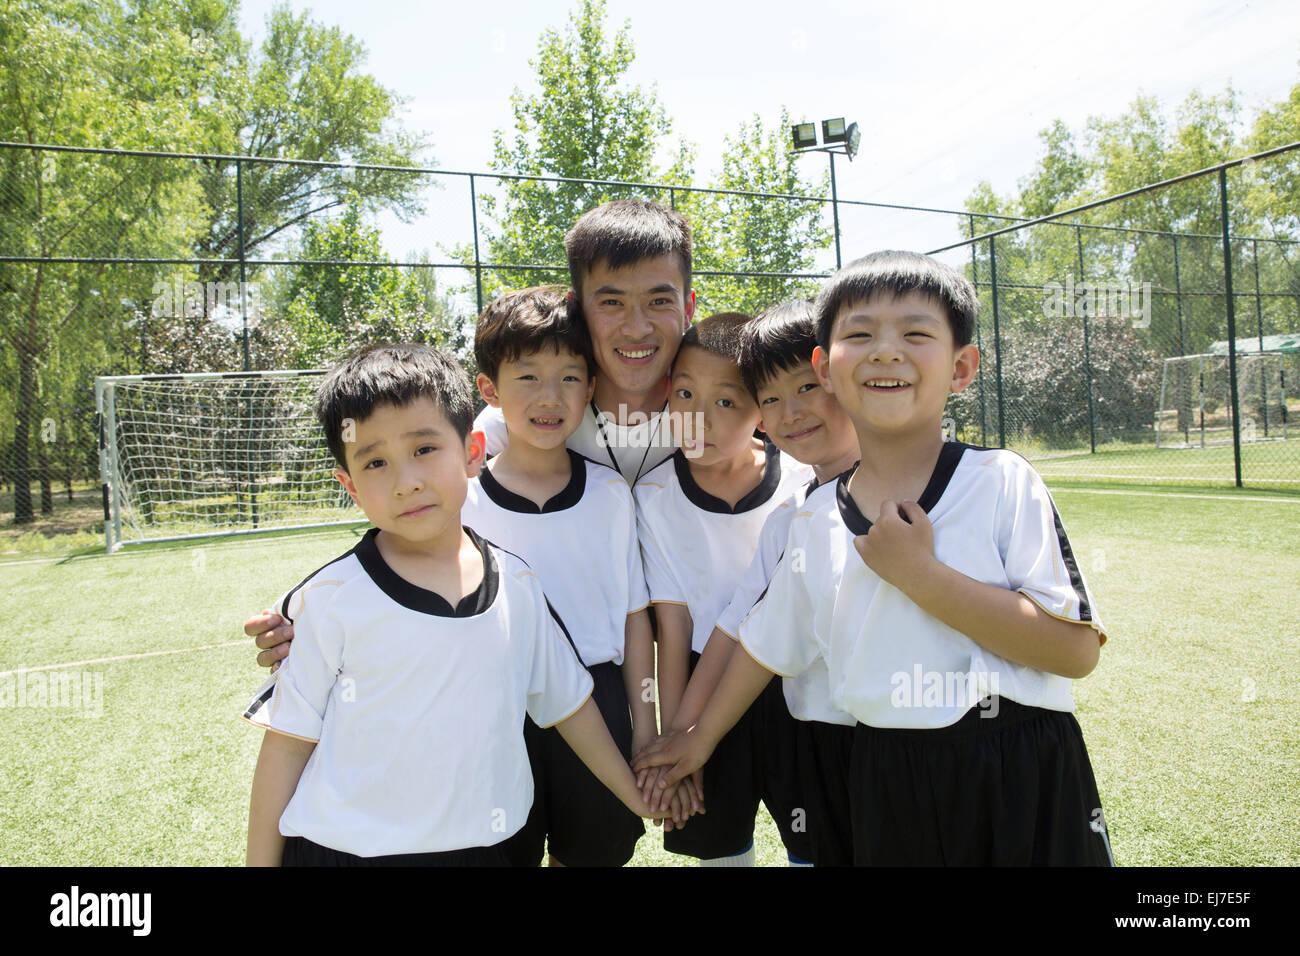 El entrenador de fútbol y los muchachos para alentarnos mutuamente en el campo de fútbol Imagen De Stock